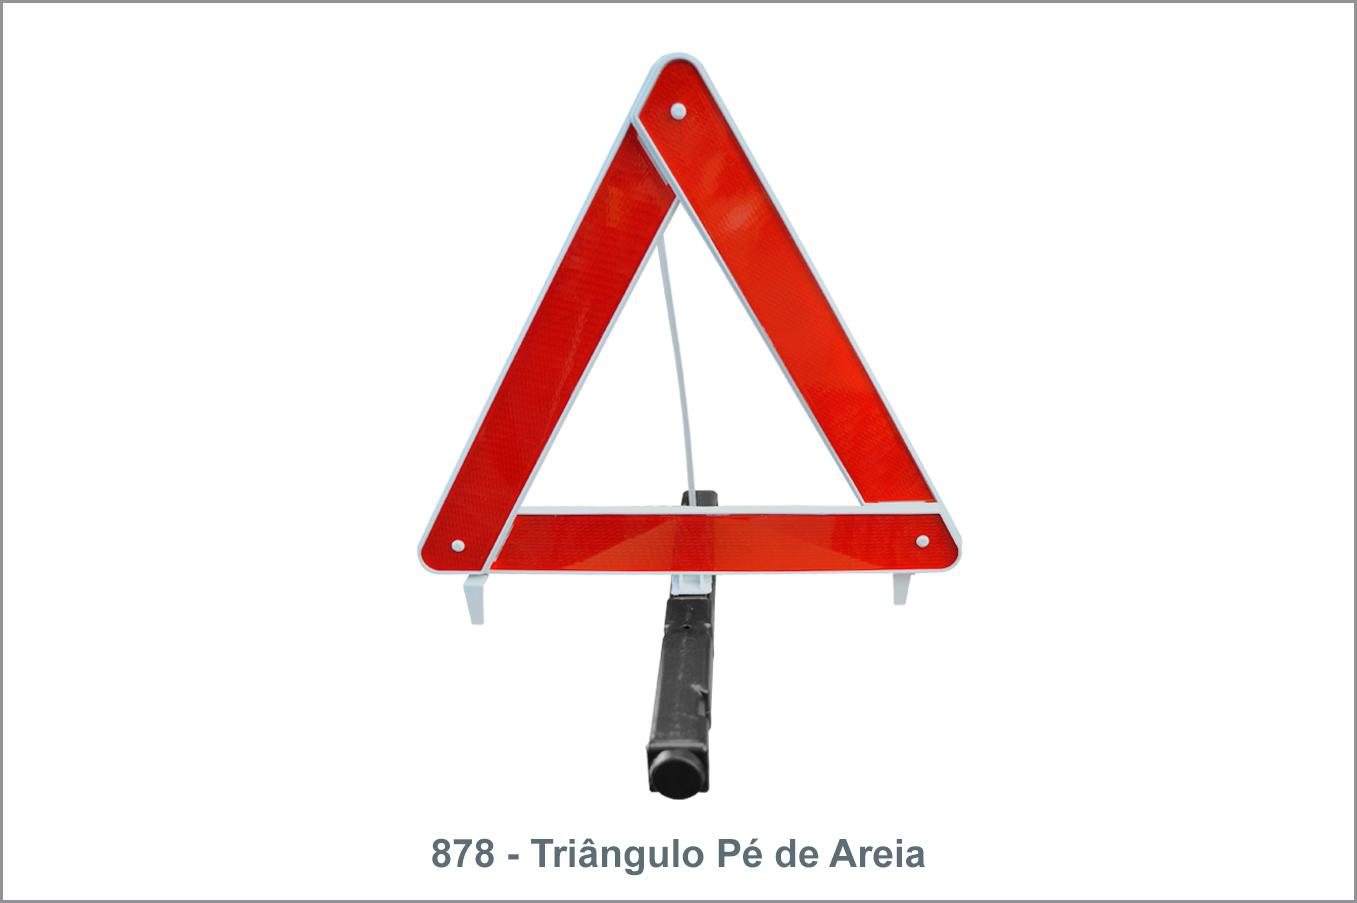 878 - Triângulo Pé de Areia